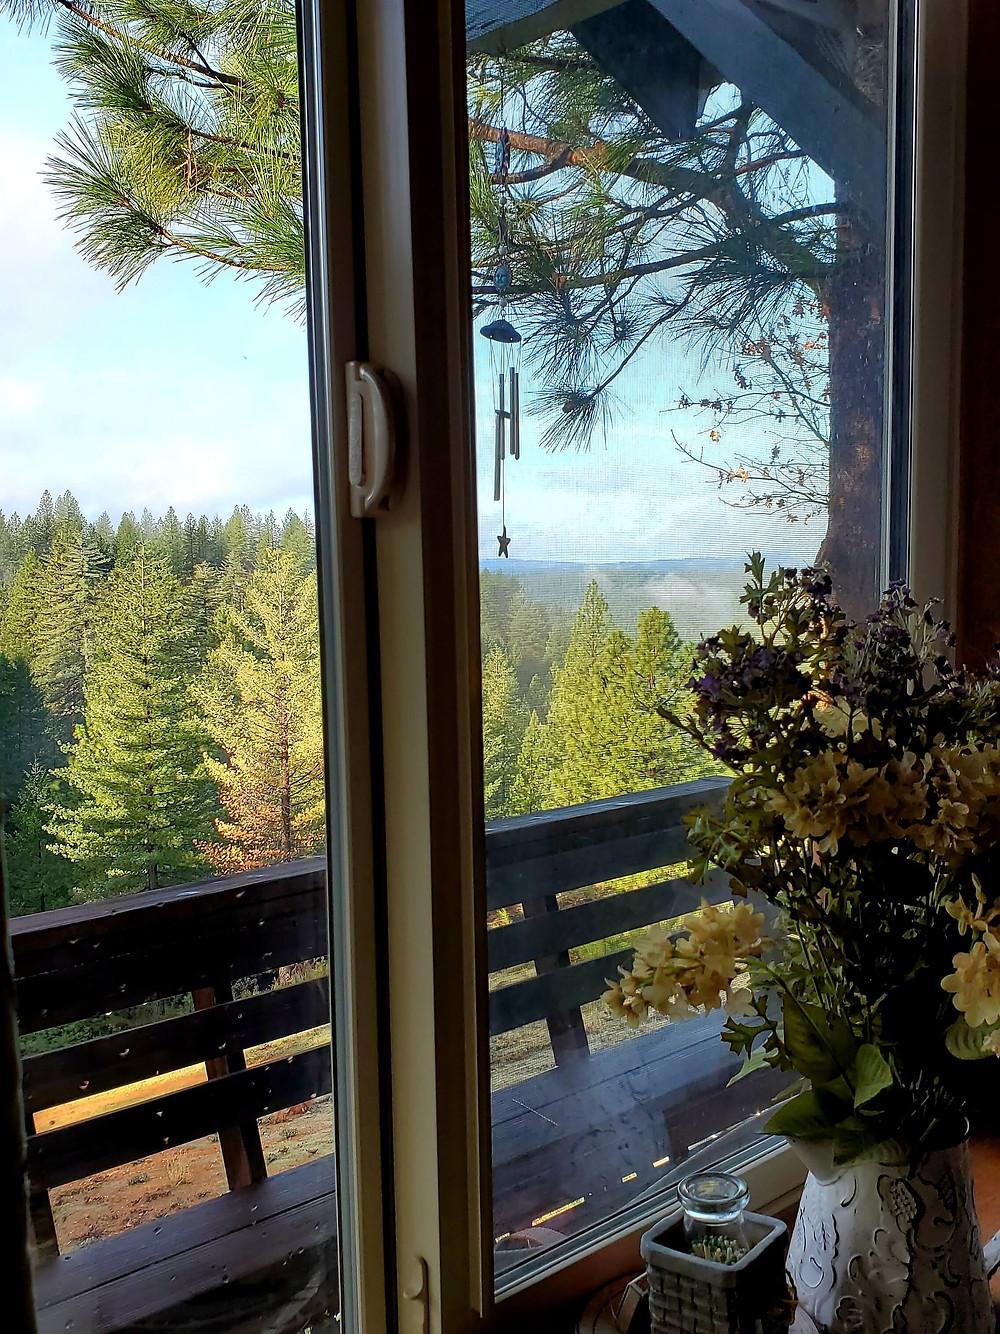 mountain view through window